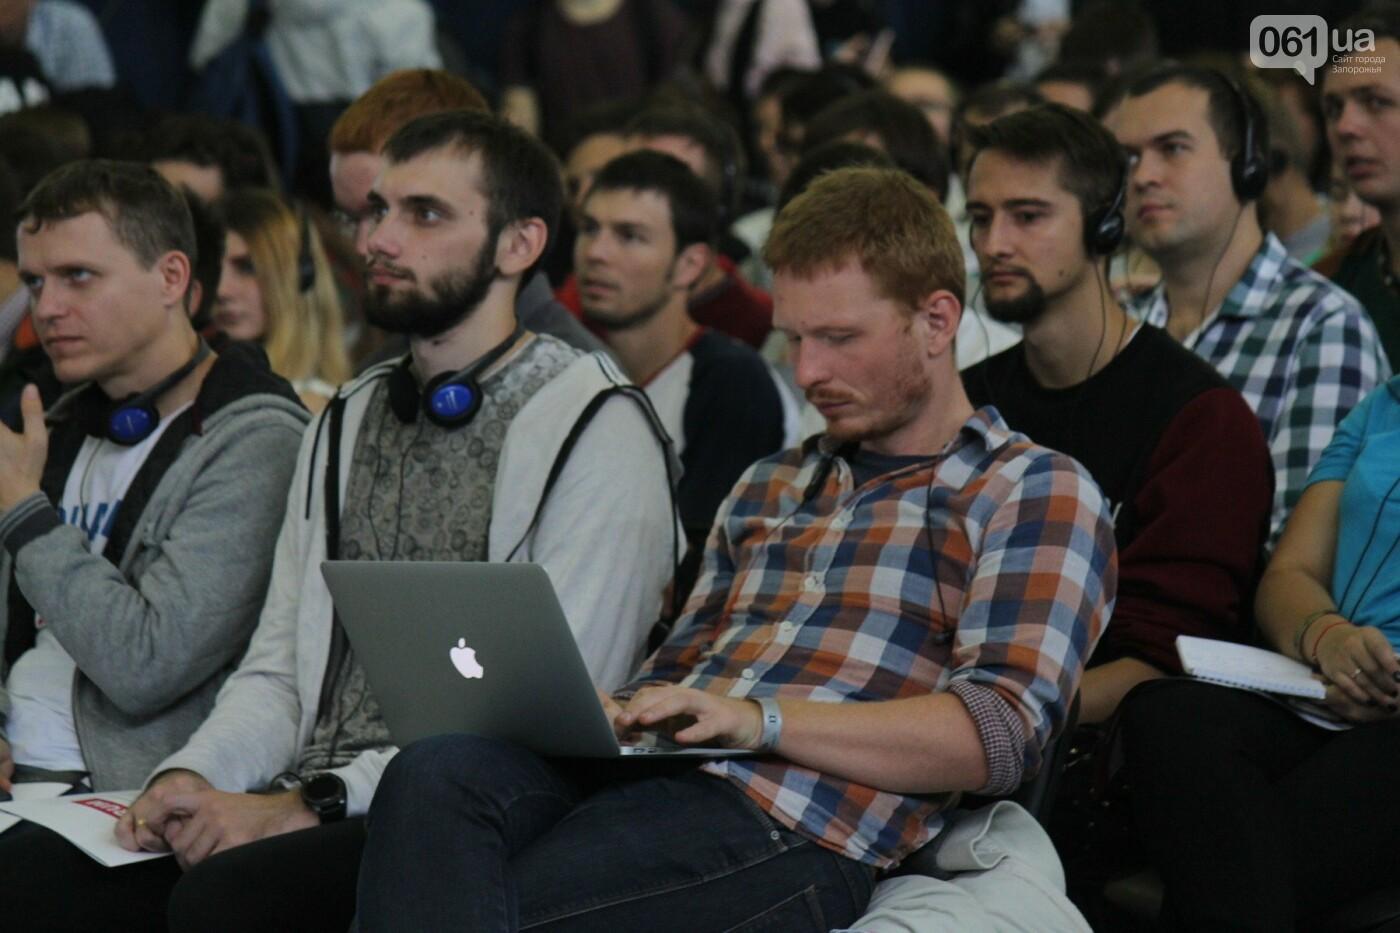 Роботы, киберспорт и спикеры-иностранцы: в Запорожье начался International IT Forum, – ФОТОРЕПОРТАЖ, фото-13